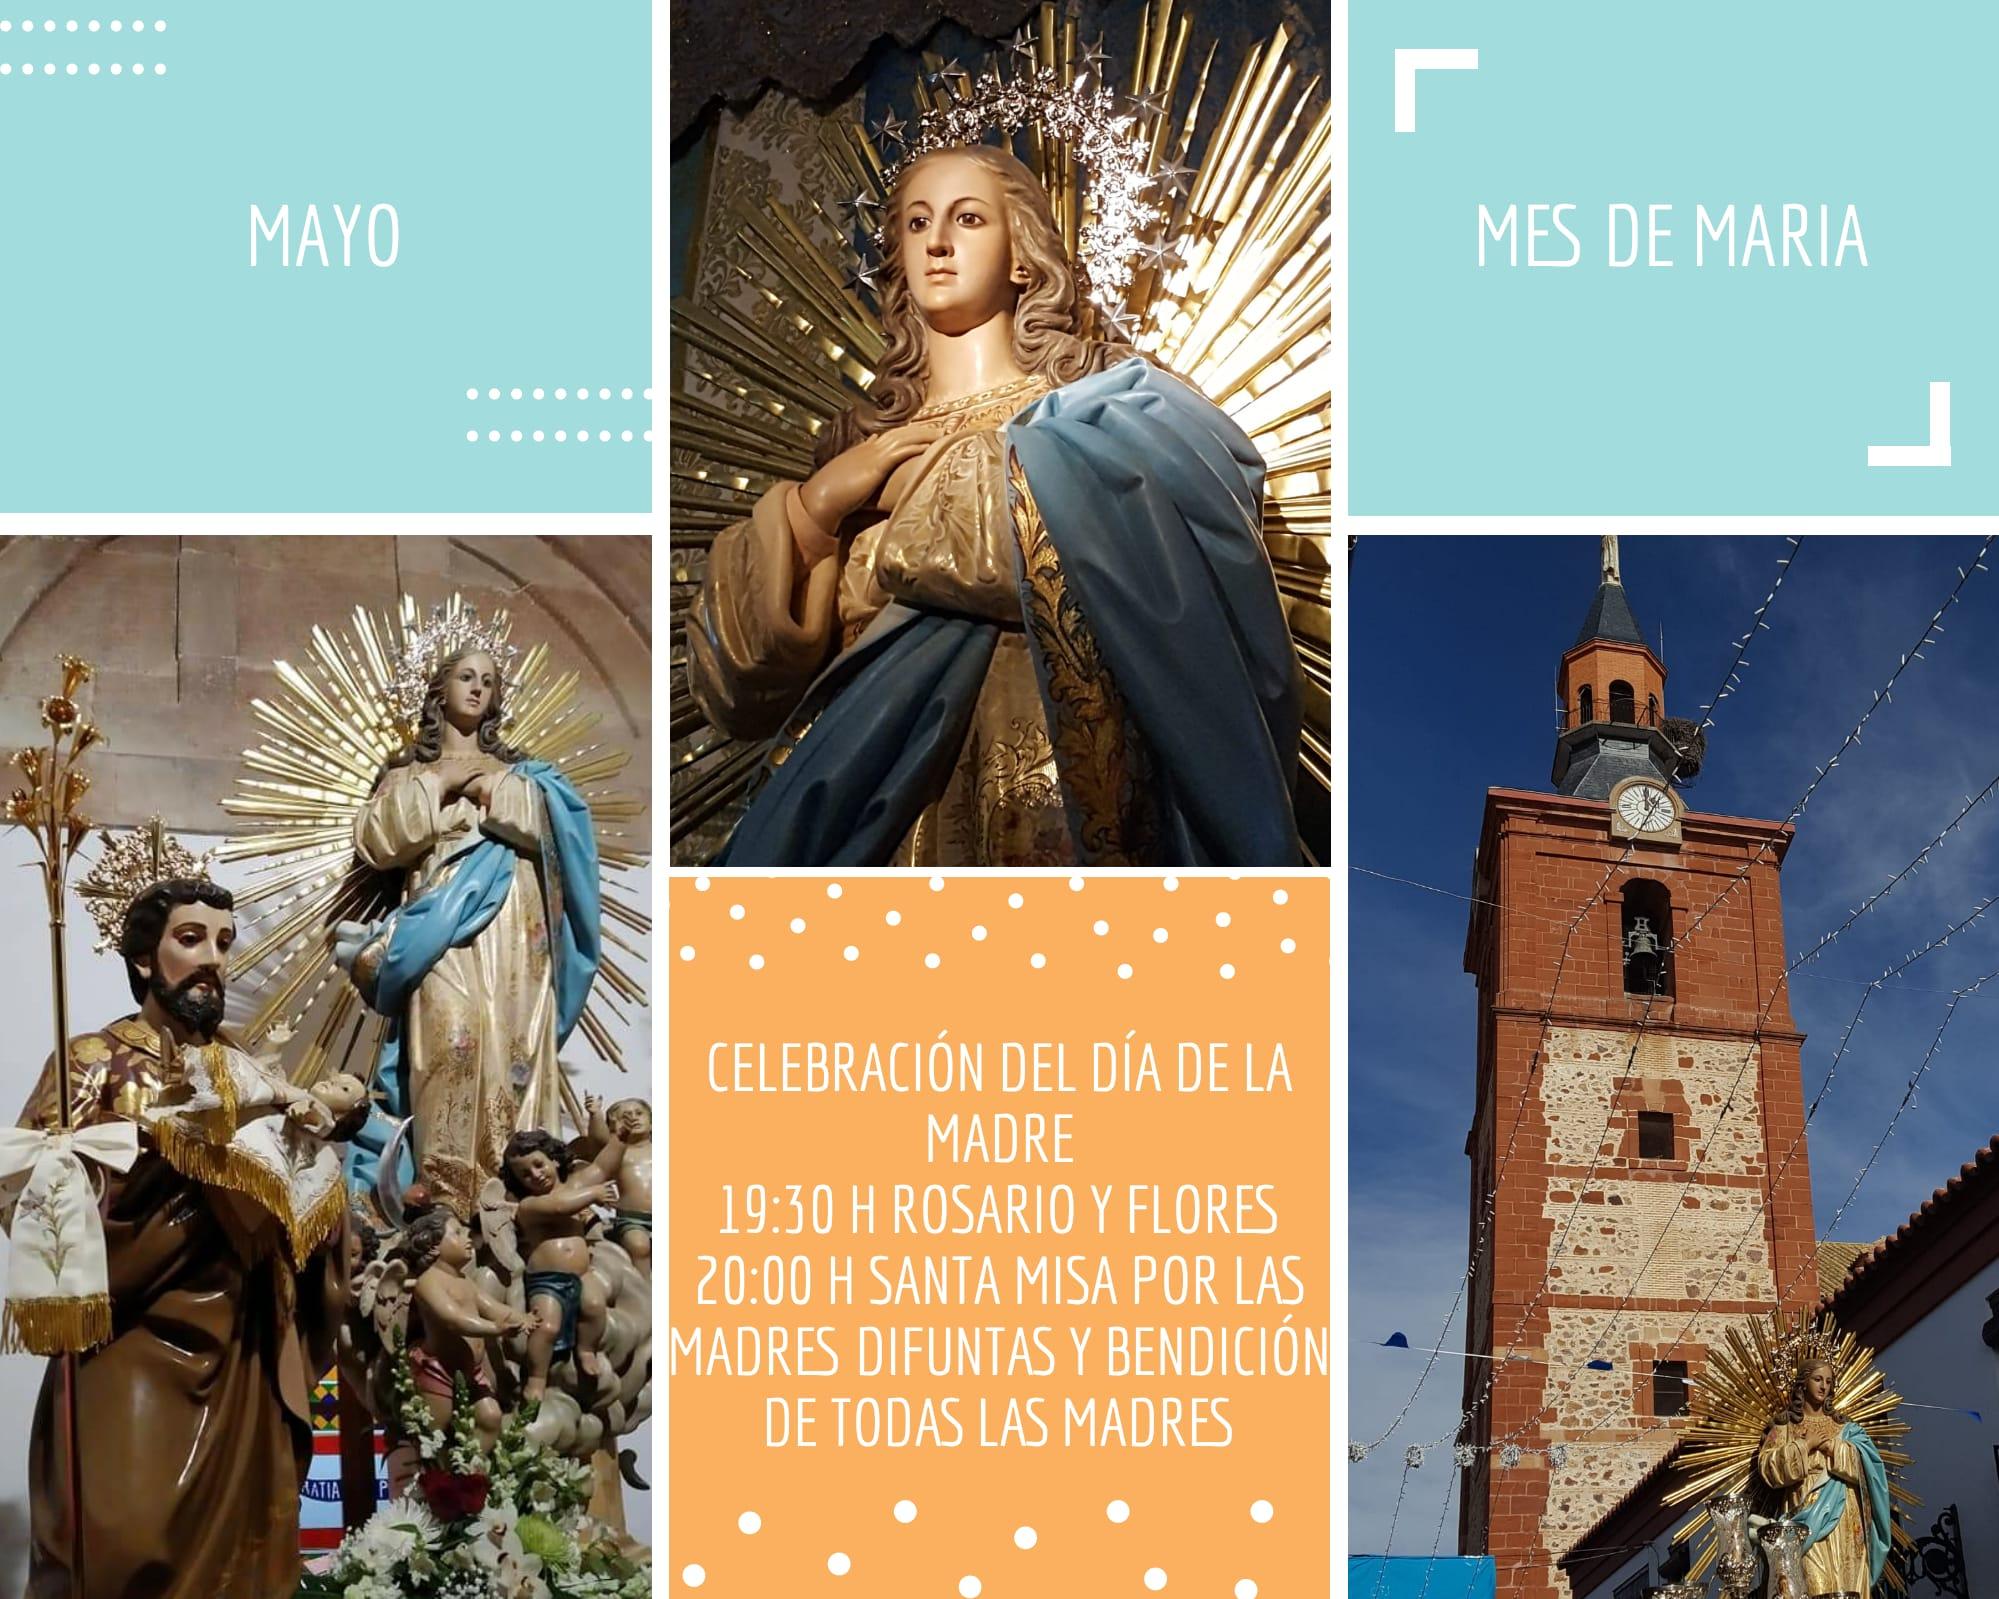 La parroquia Inmaculada Concepción inicia un mes de mayo dedicado a María 12